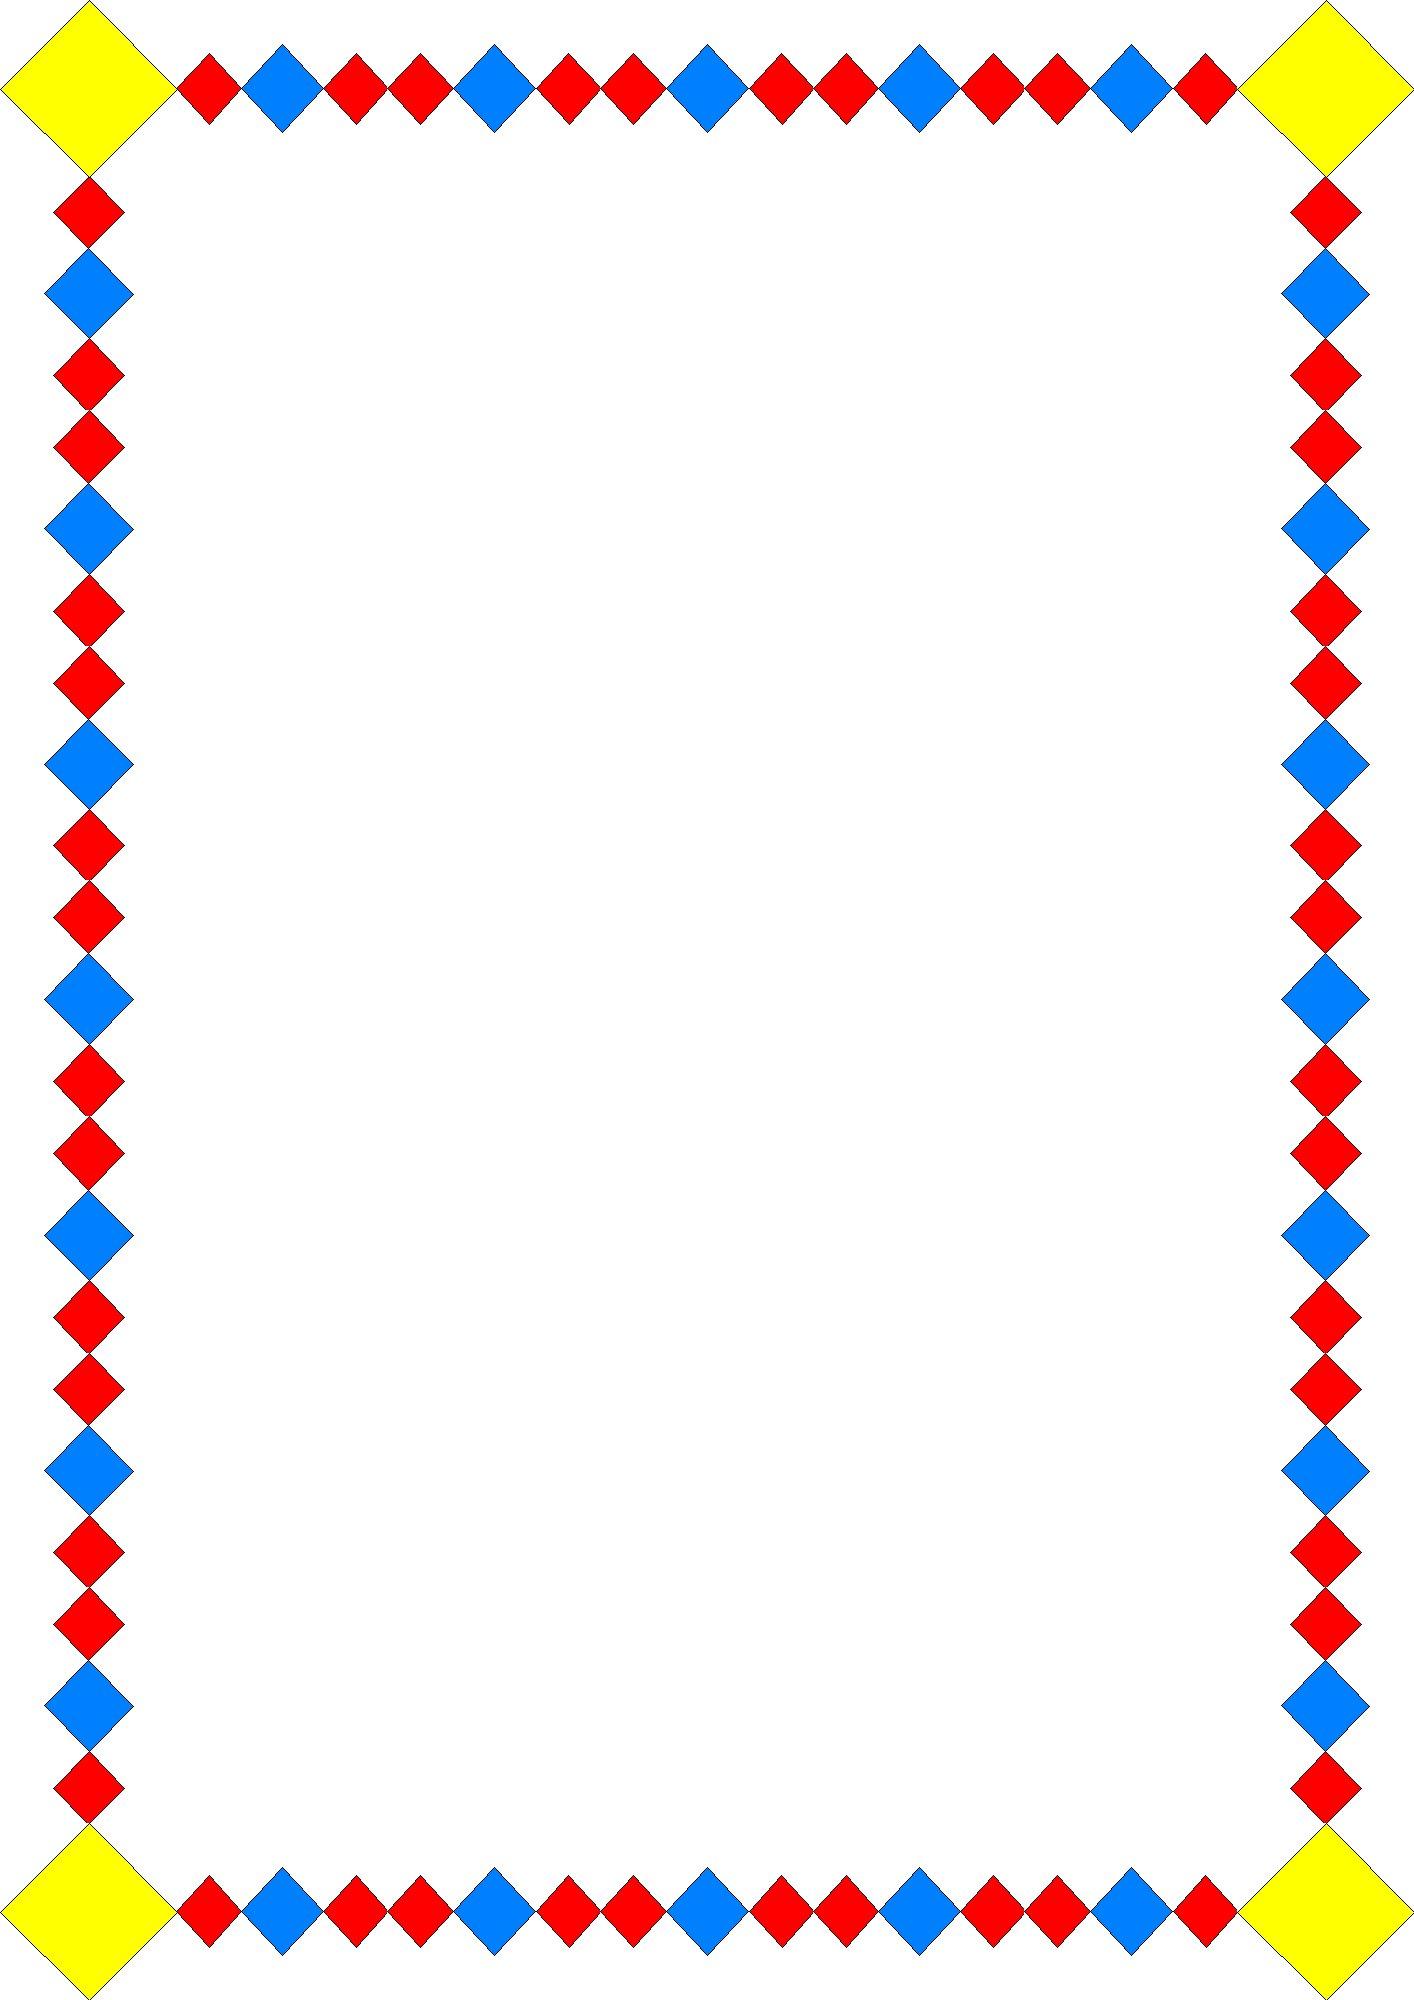 Border Frame Clipart - .-Border frame clipart - .-2